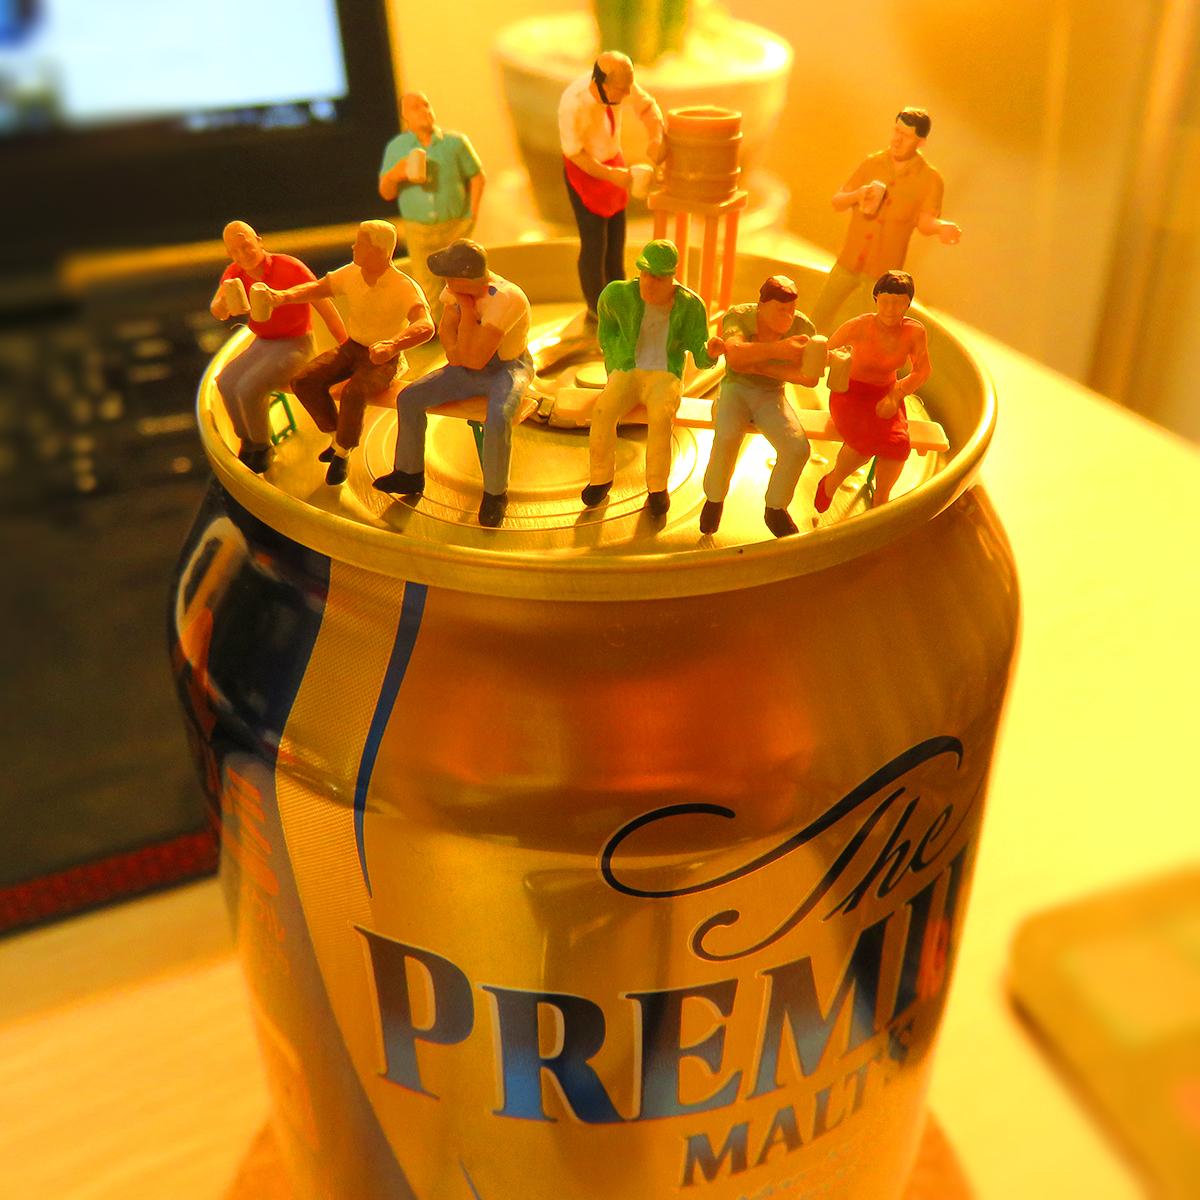 8月25日はプレミアムフライデー!プレミアムモルツのビール缶の上でビアガーデンを楽しむ人達